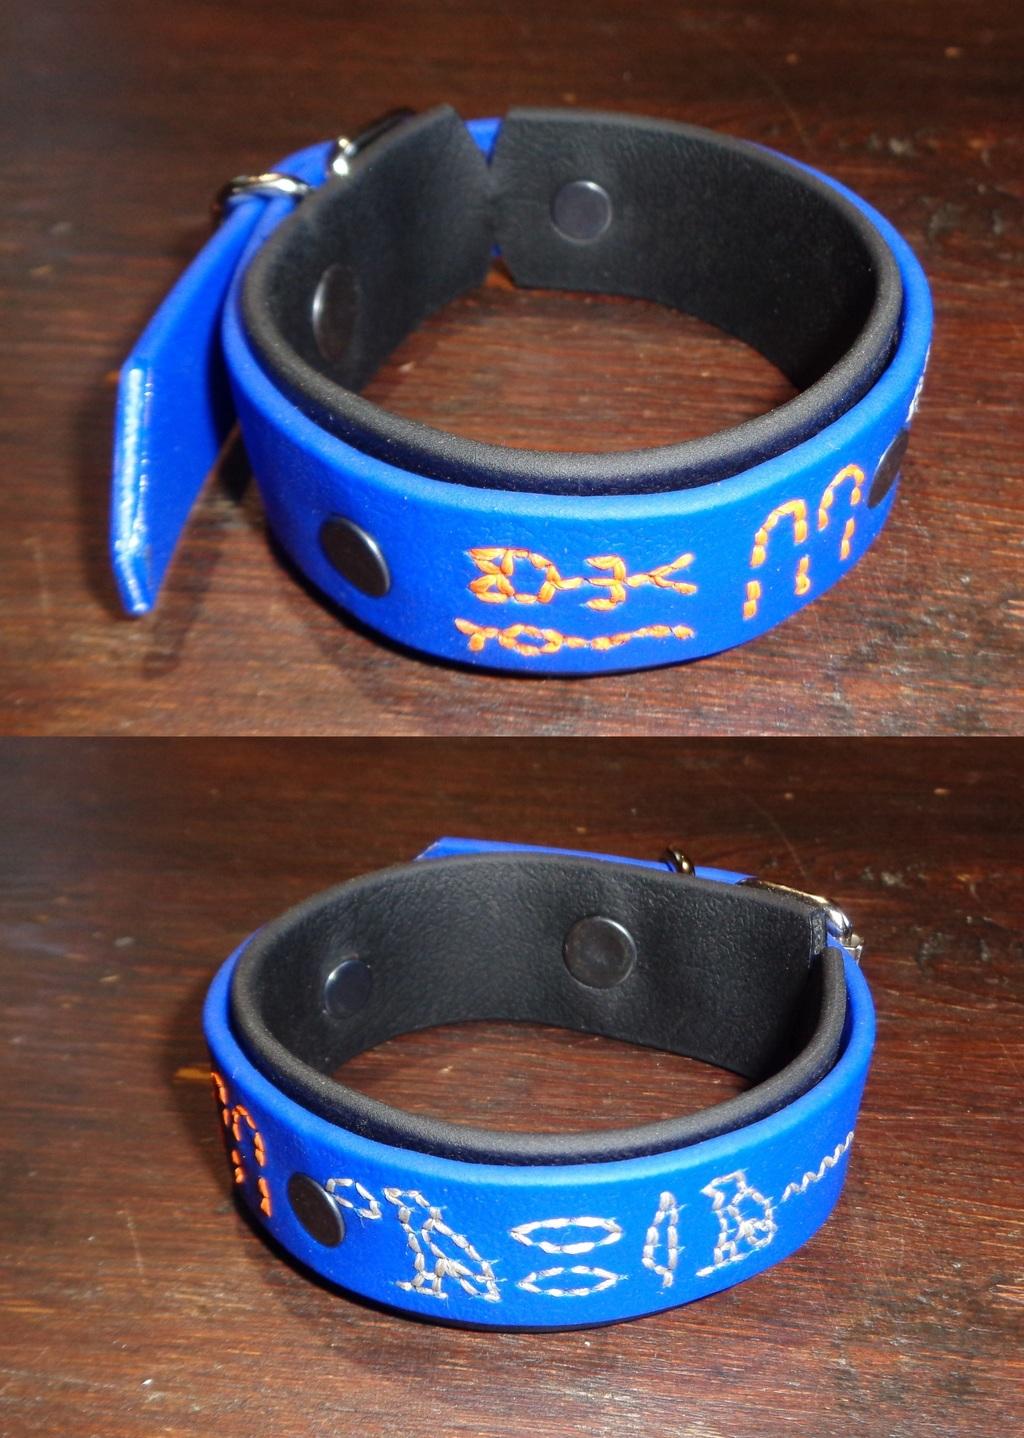 EF23 - Bracelet Nr. 12 for Tarrian